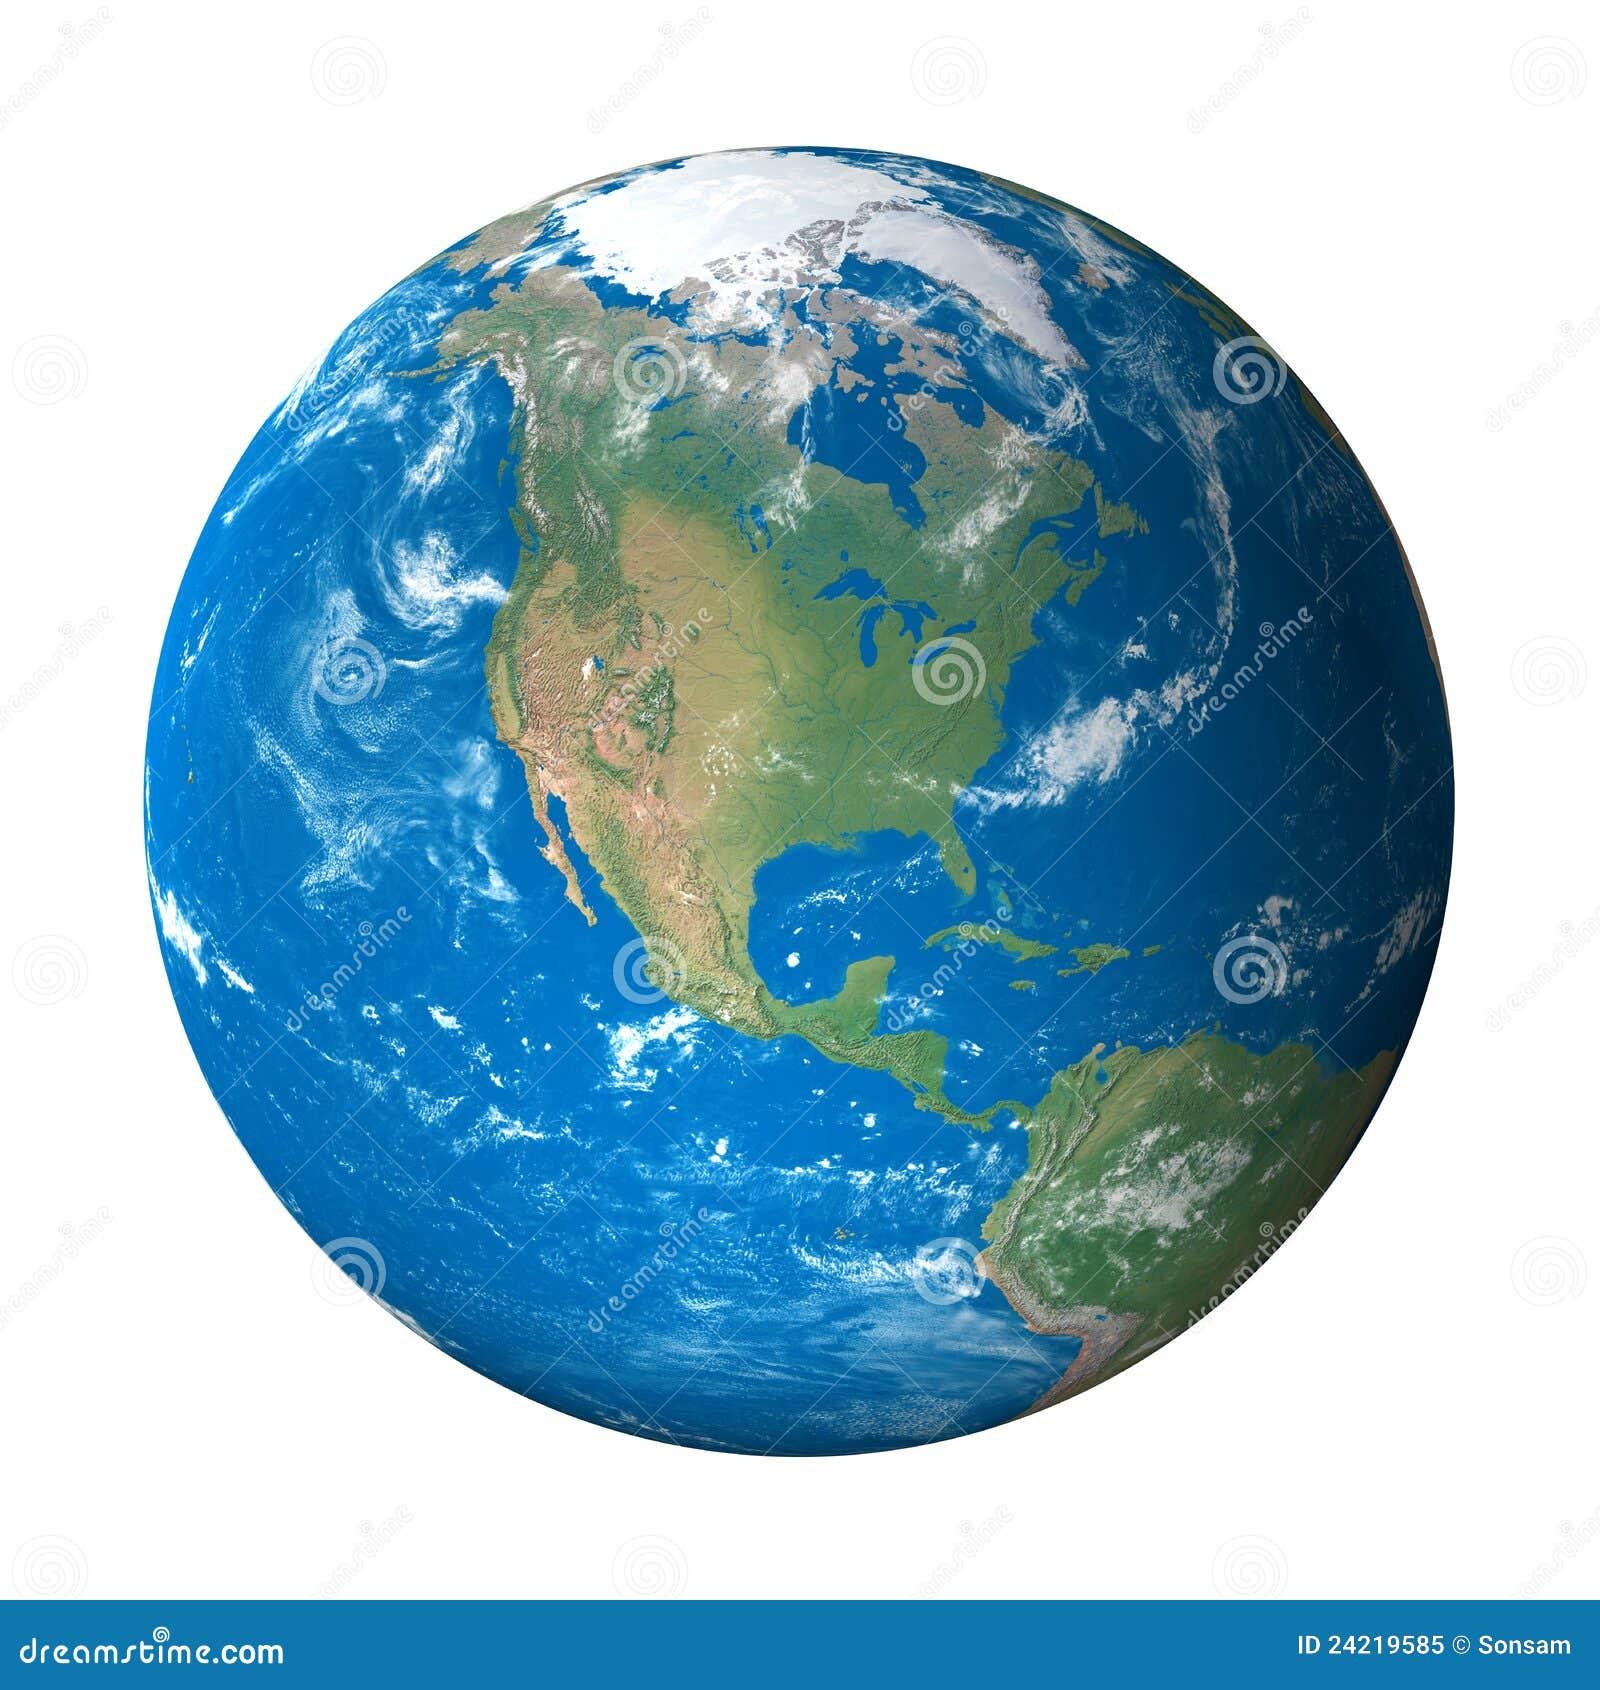 Modelo de terra do espaço: Opinião de America do Norte